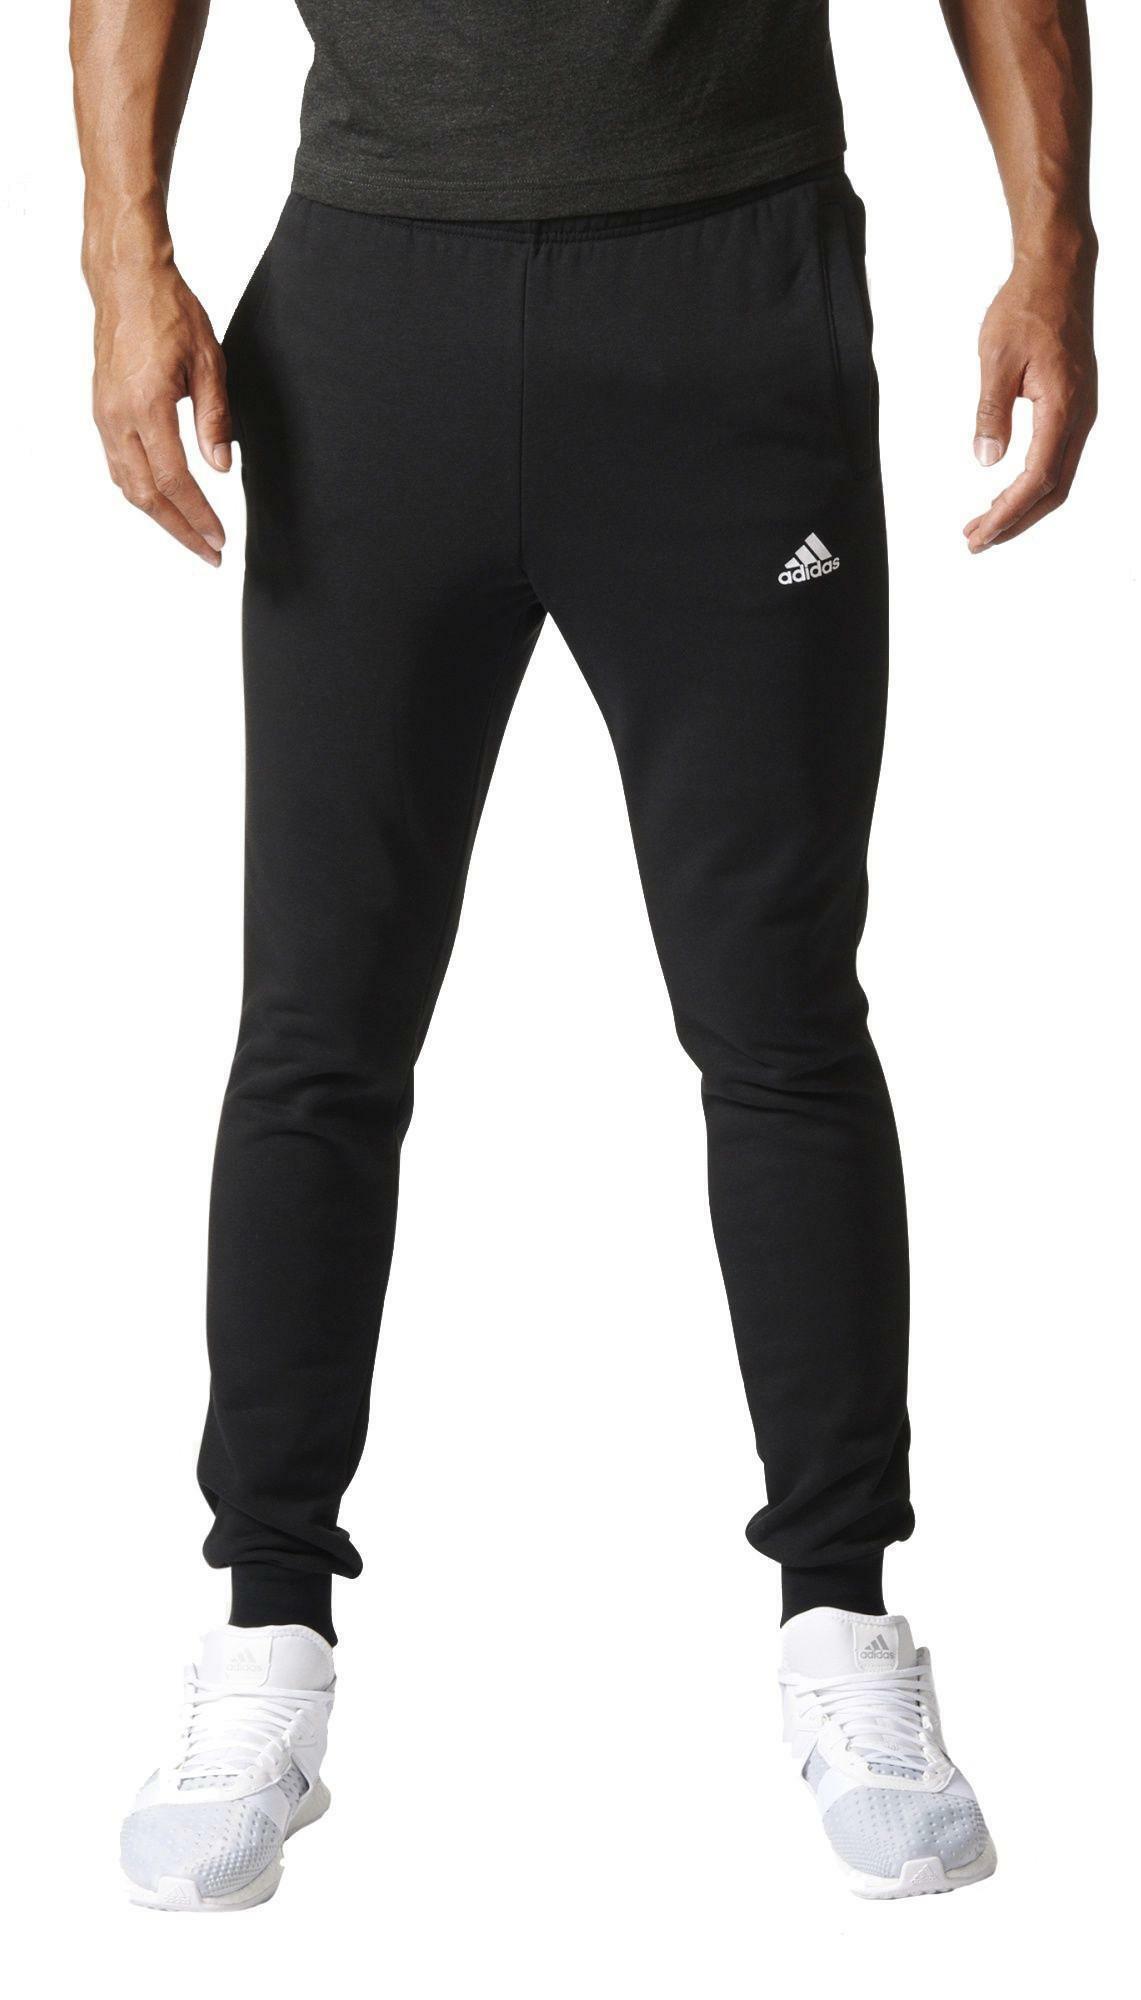 pantaloni adidas uomo nera